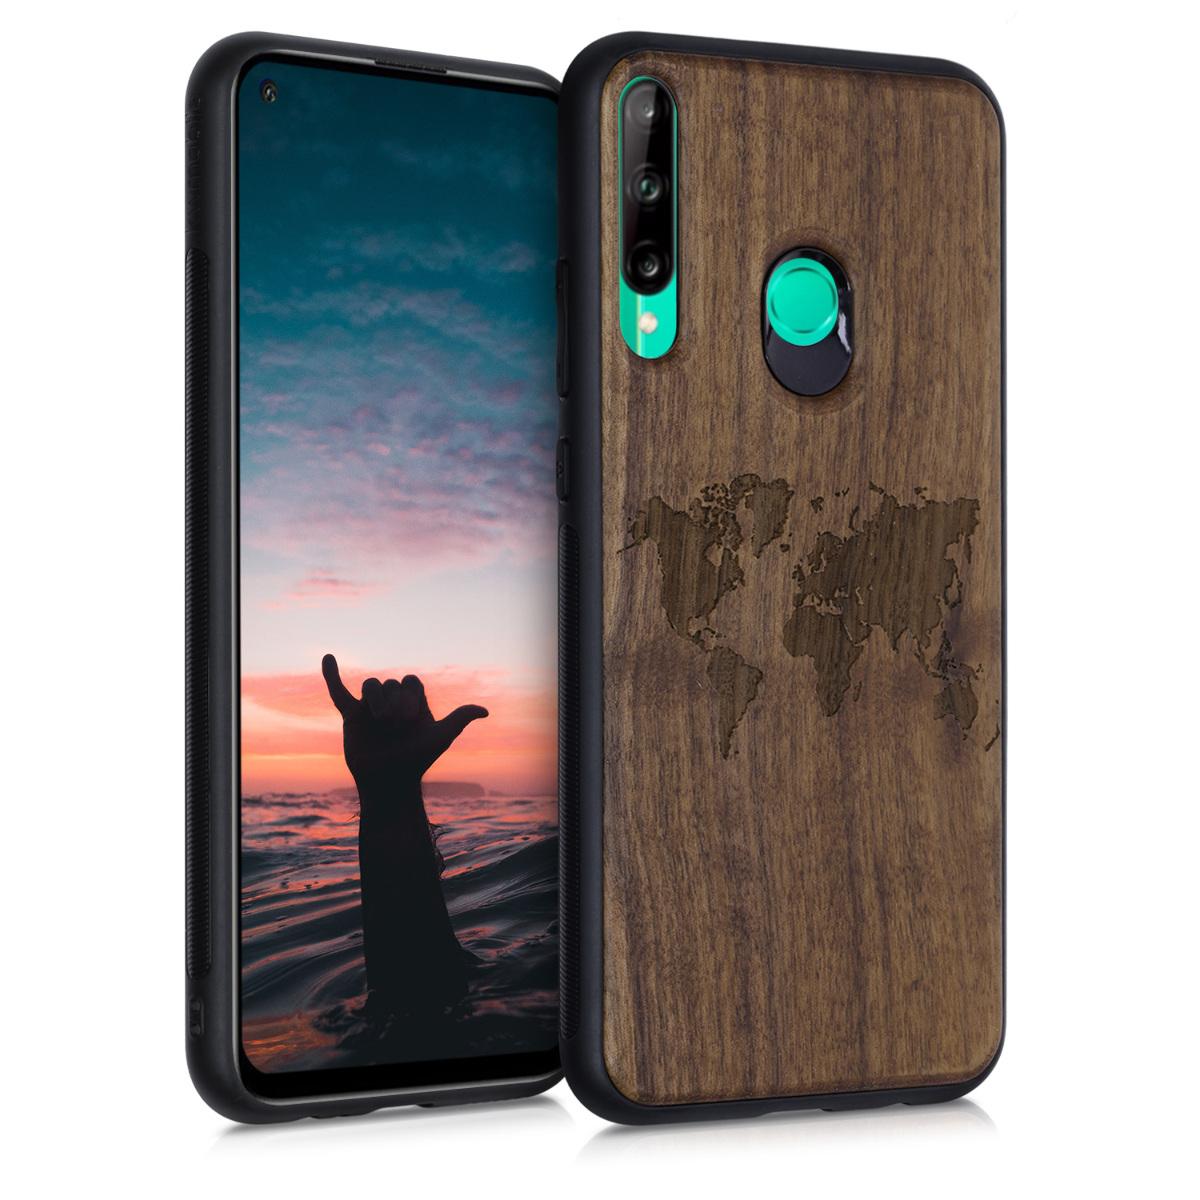 Dřevěné hnědé pouzdro / obal pro Huawei P40 Lite E s motivem mapy světa